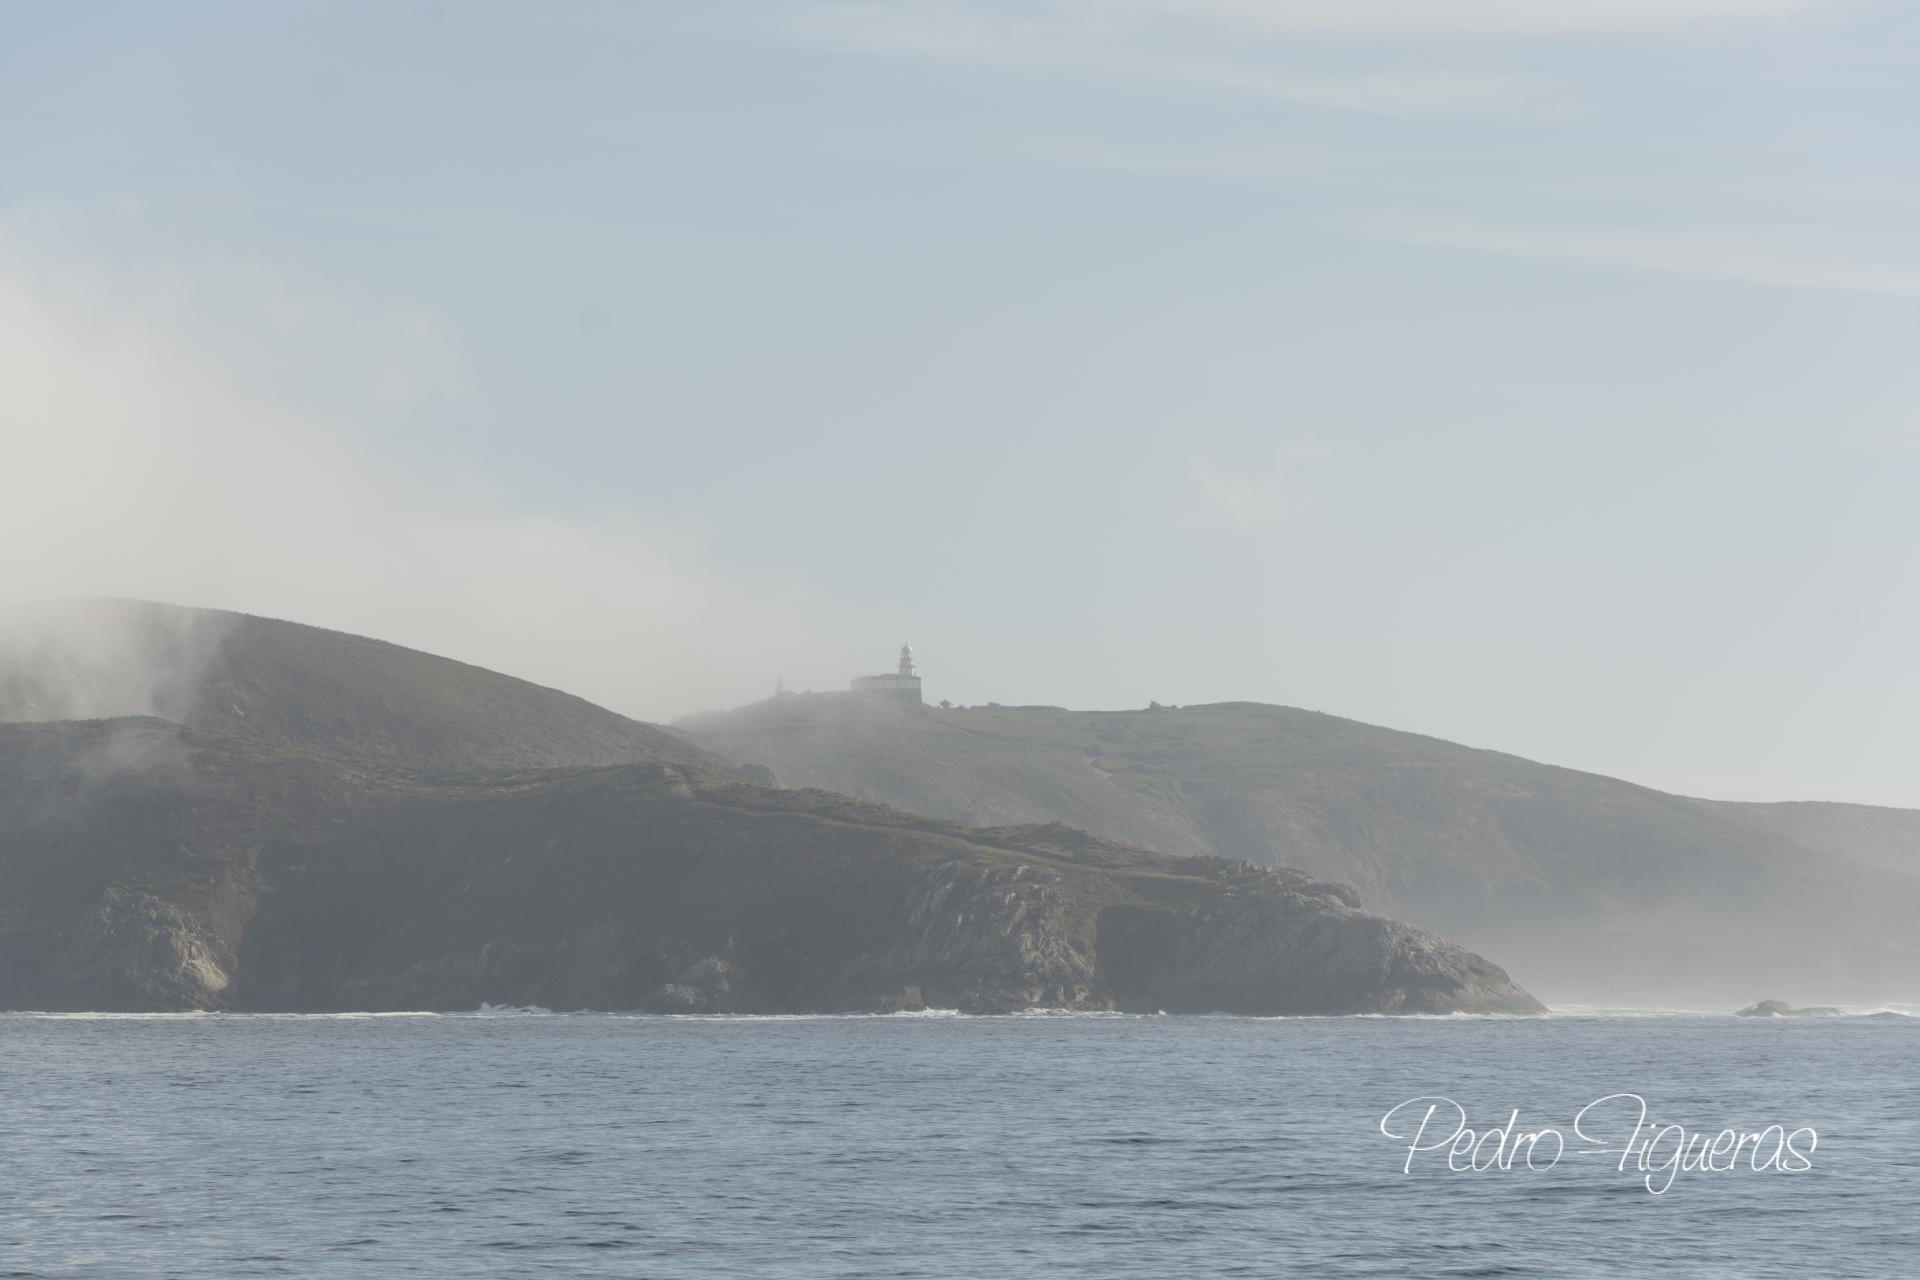 """O barco de Pancho, a conexión coa terra firme. As súas xentes. """"Ons: unha illa habitada"""". Vida cotiá"""